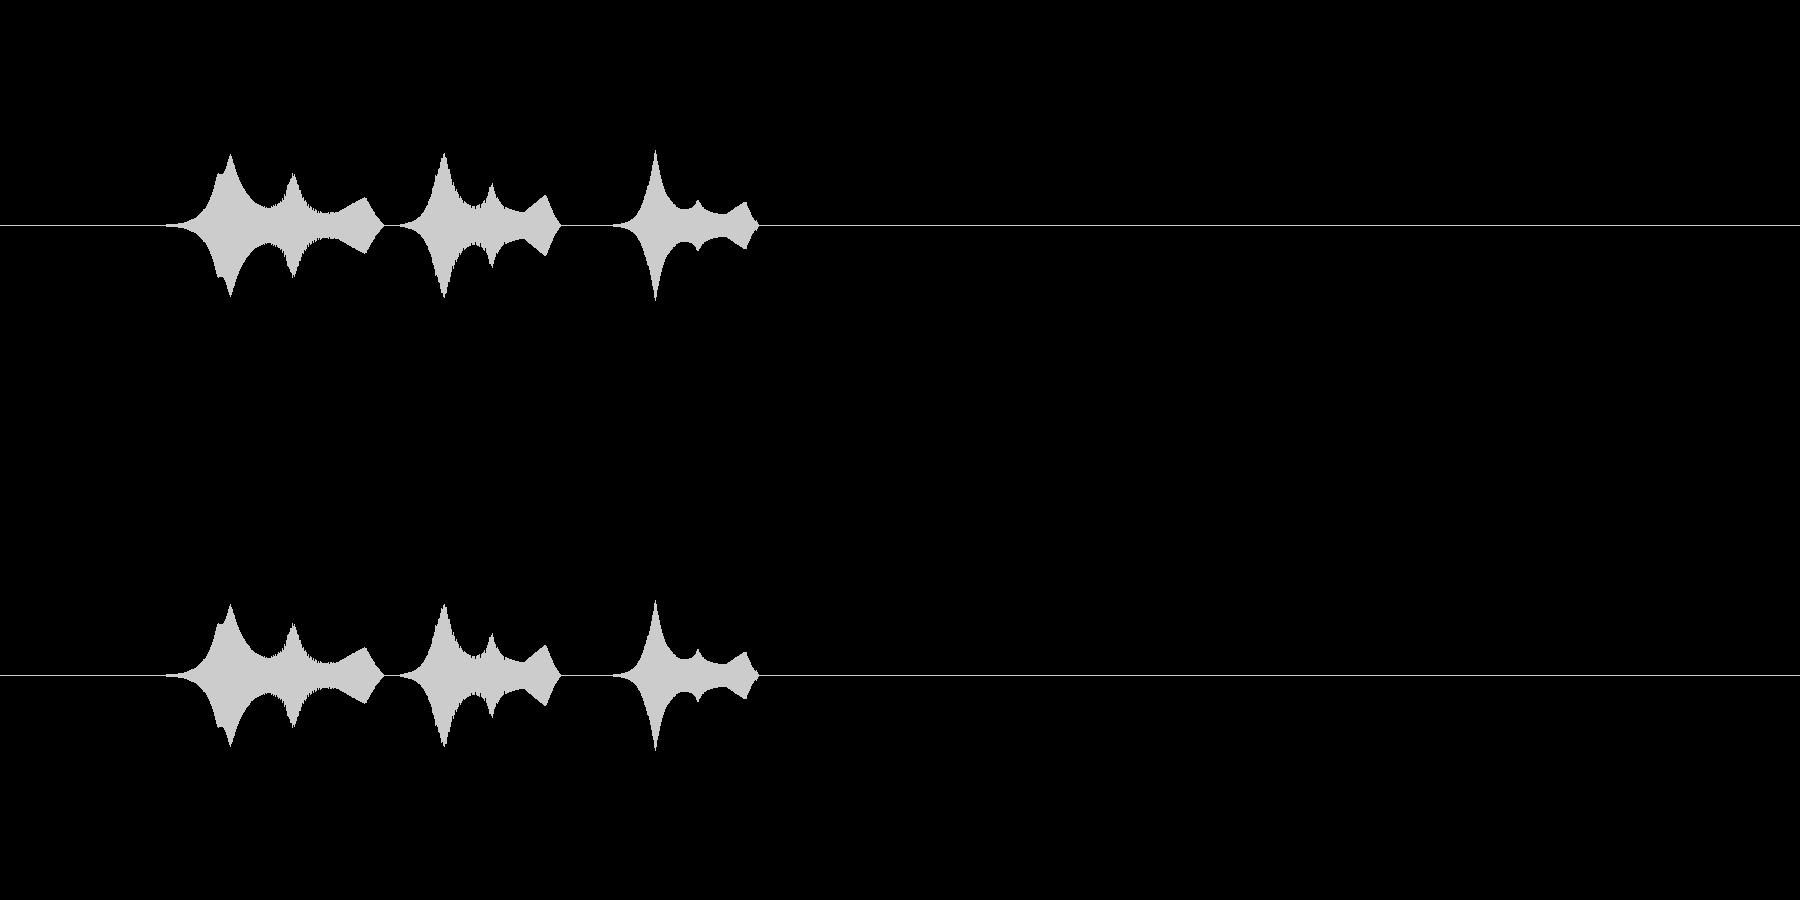 【ポップモーション34-4】の未再生の波形